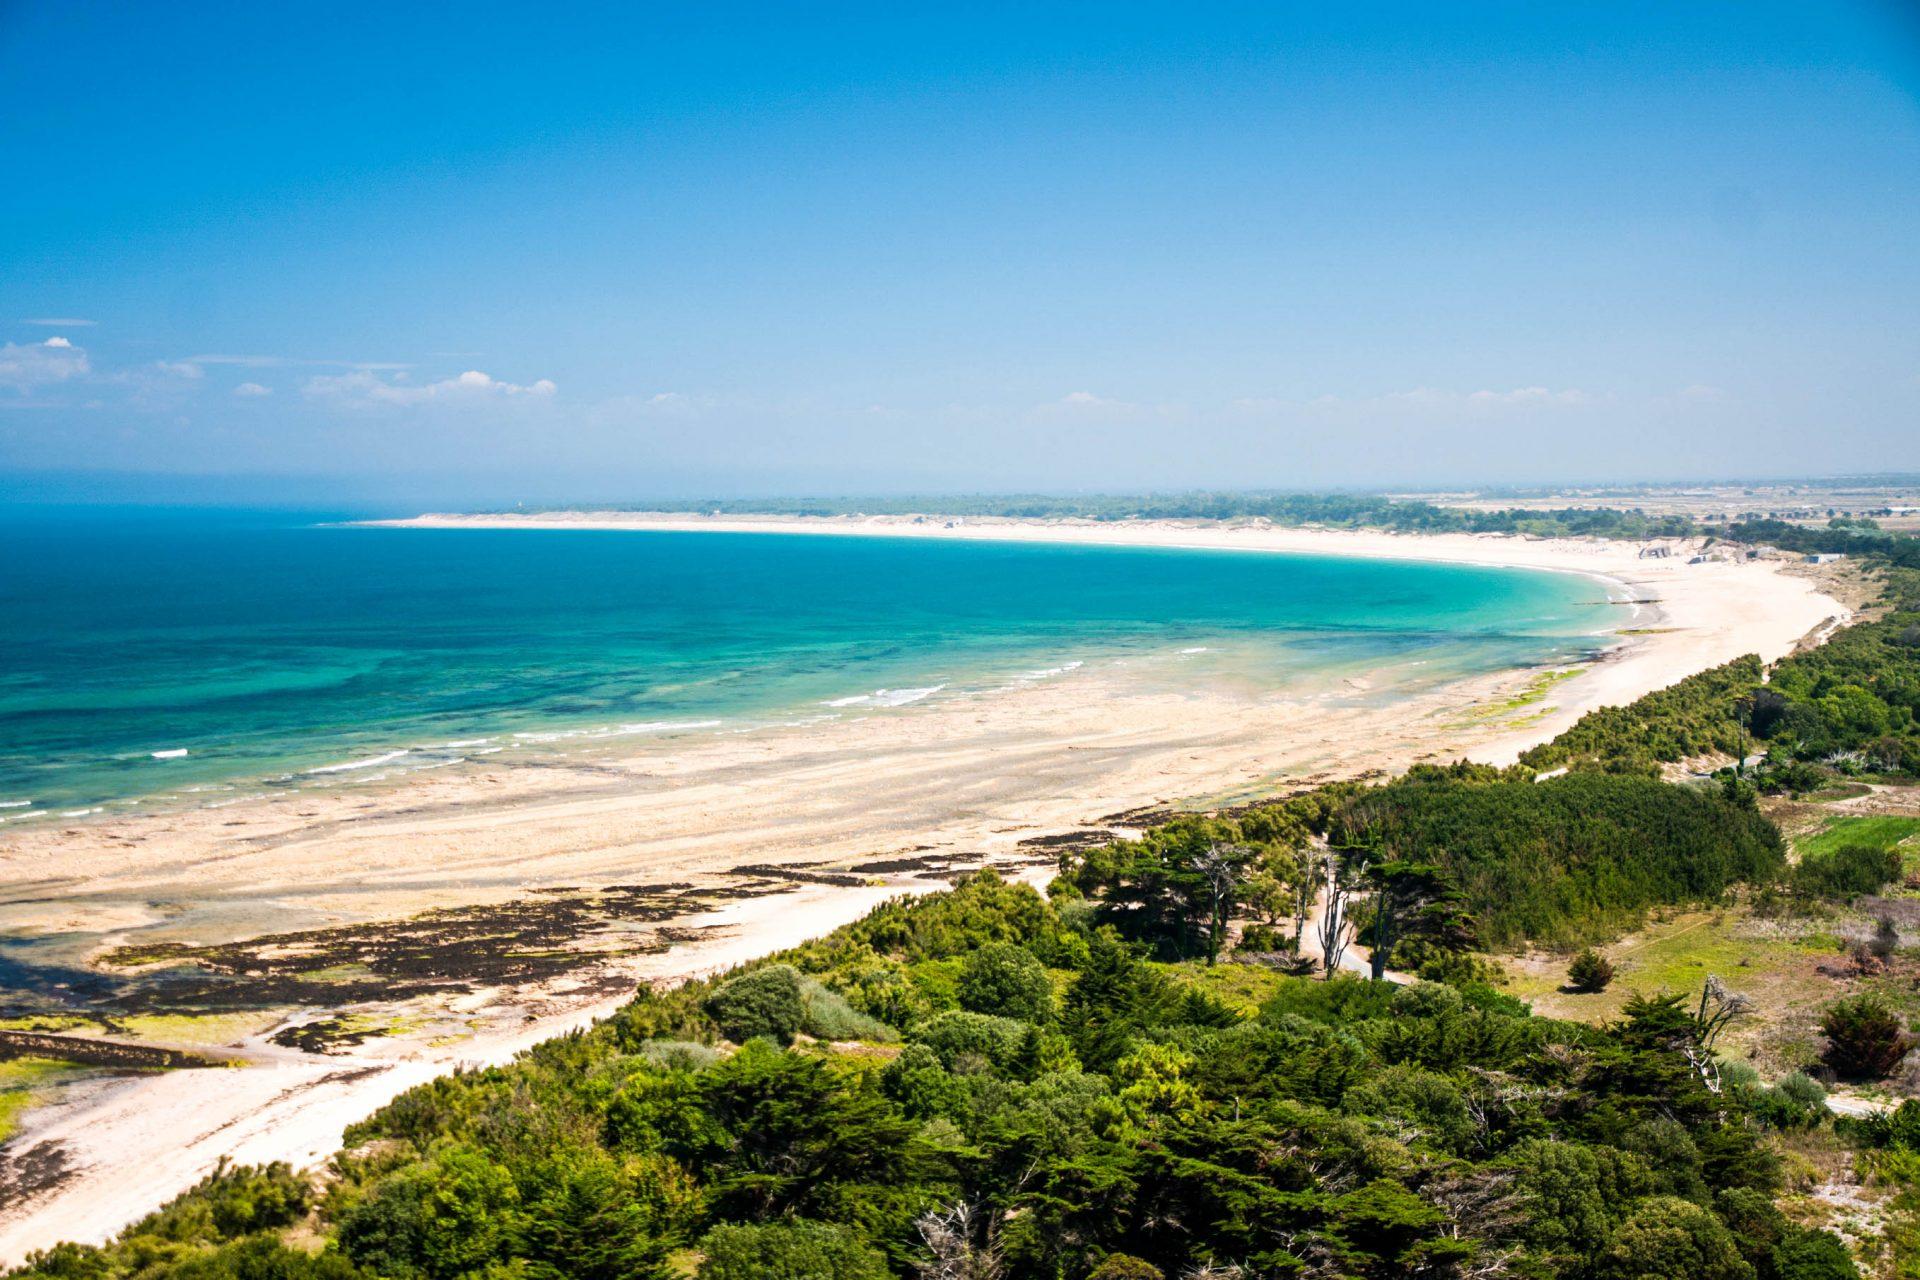 Die Sicht über den Strand und das Meer in Île de Ré